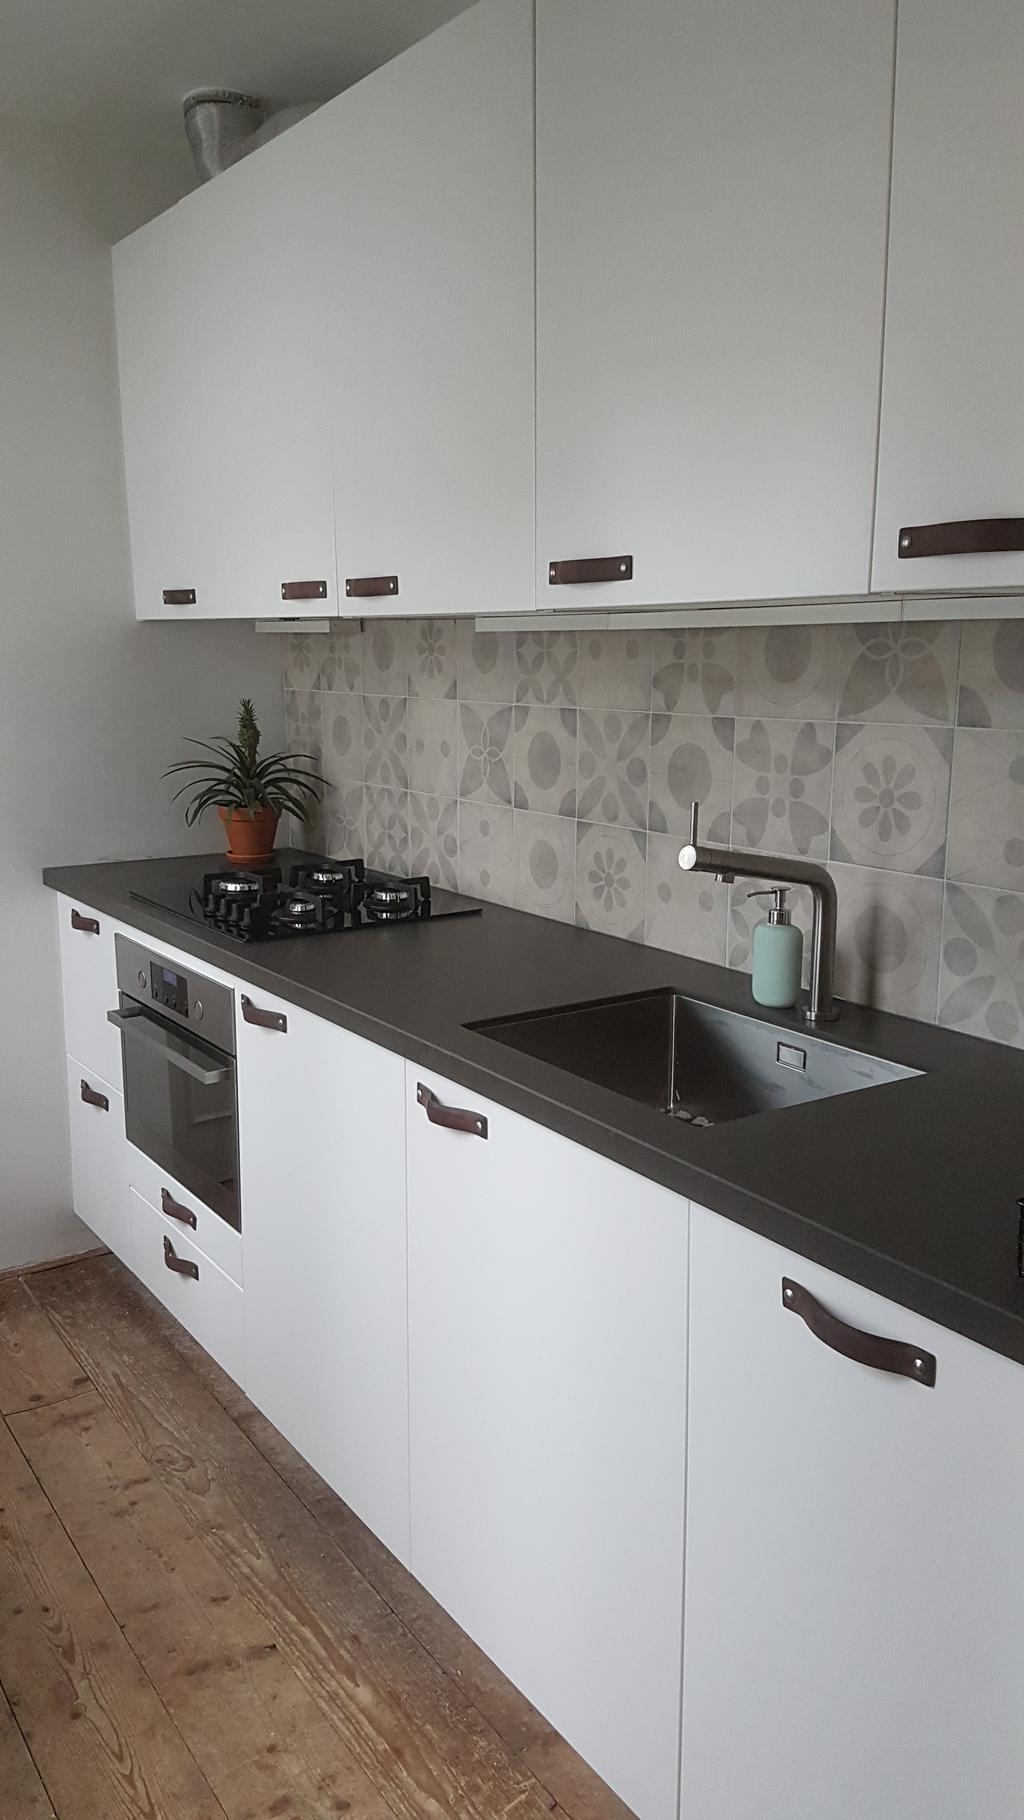 keuken-na-met-de-geweldige-vt-wonen-tegels